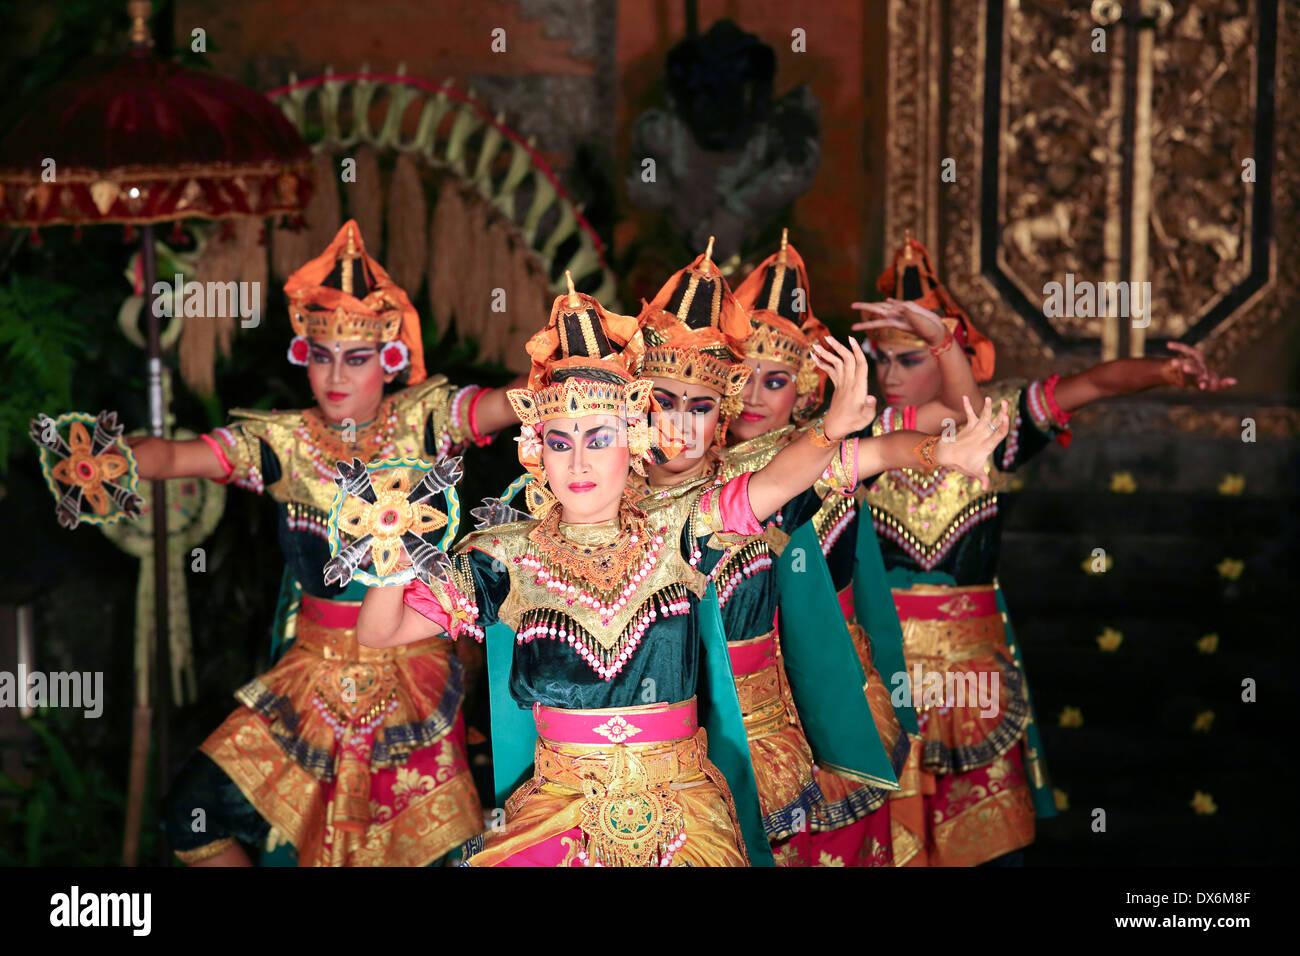 Bailarines balineses en el escenario realizando la danza Legong en Ubud, Bali. Foto de stock